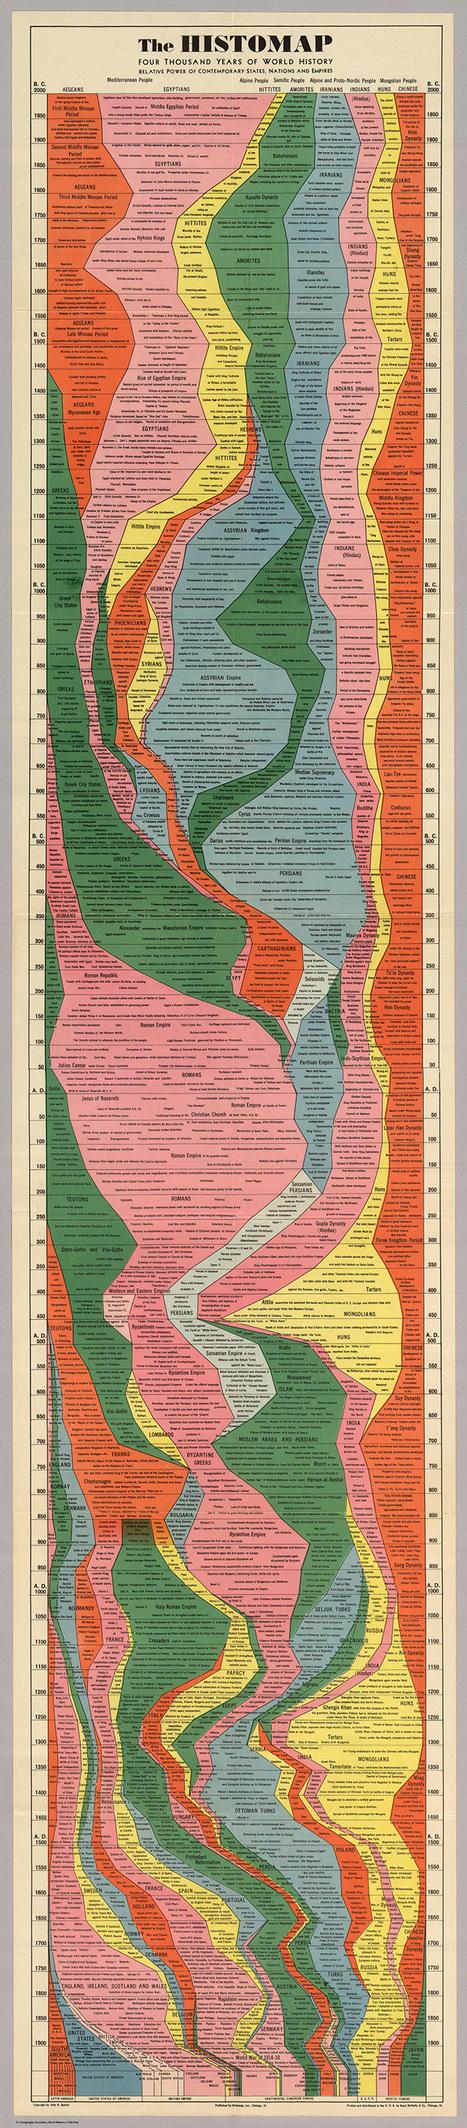 L'HISTOIRE de l'HUMANITÉ résumée en une superbe infographie de 1931   Le BONHEUR comme indice d'épanouissement social et économique.   Scoop.it